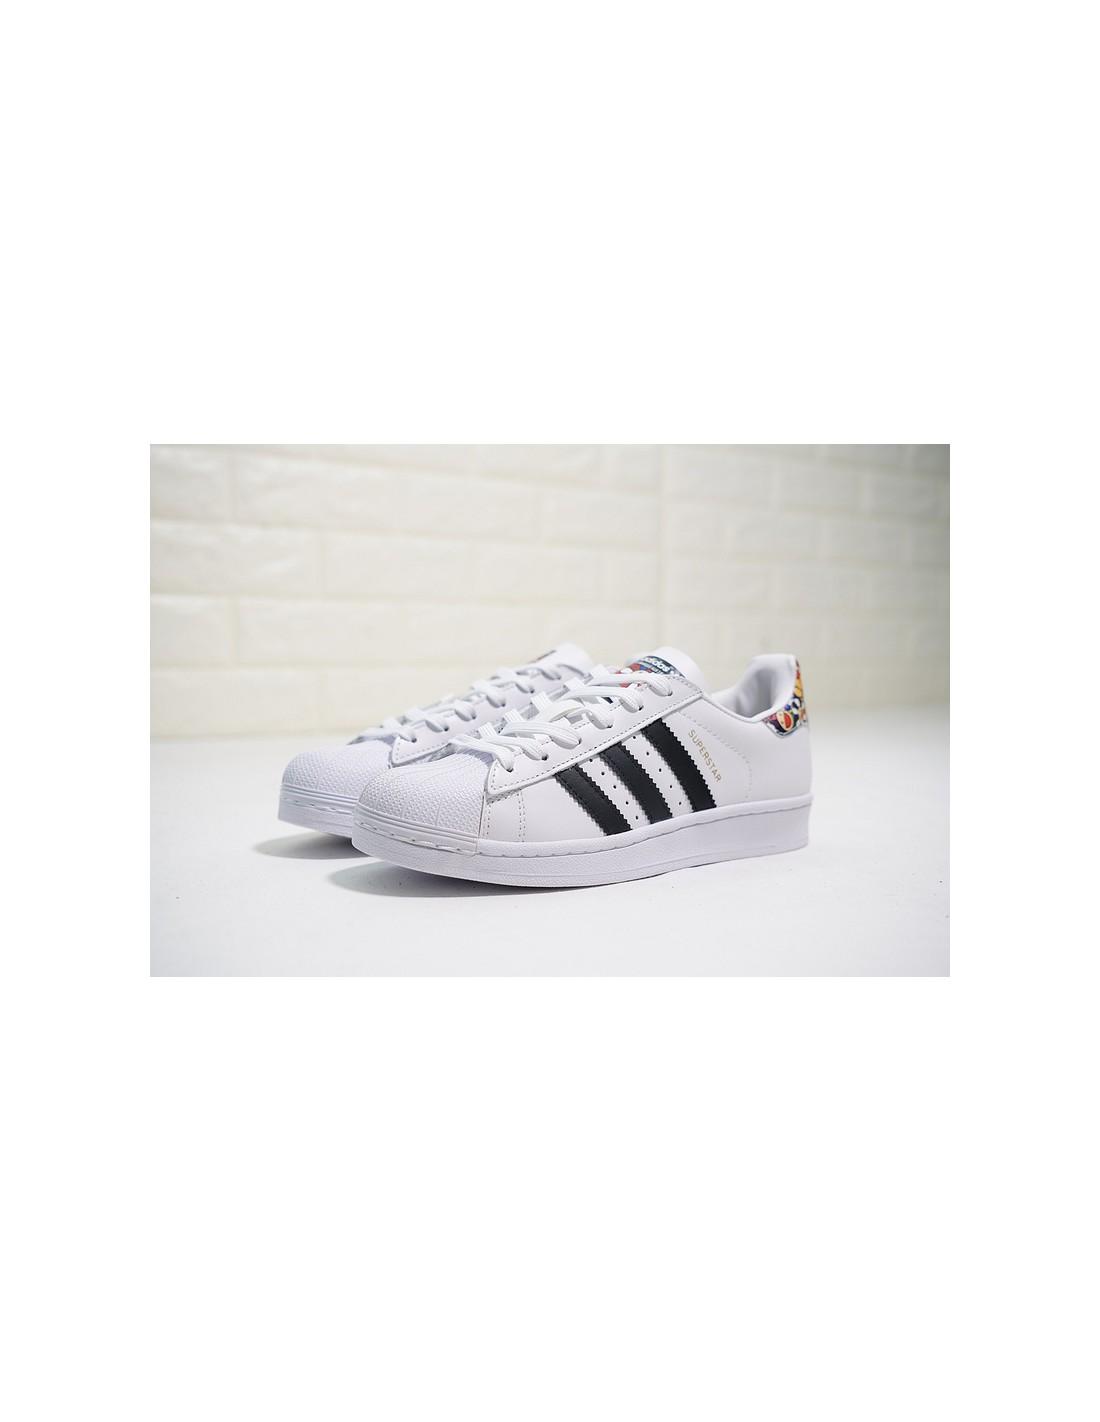 d606f7b68fc5 Adidas Superstar II x Takashi Murakami Women s Shoe Shoe Size EU 36 ...